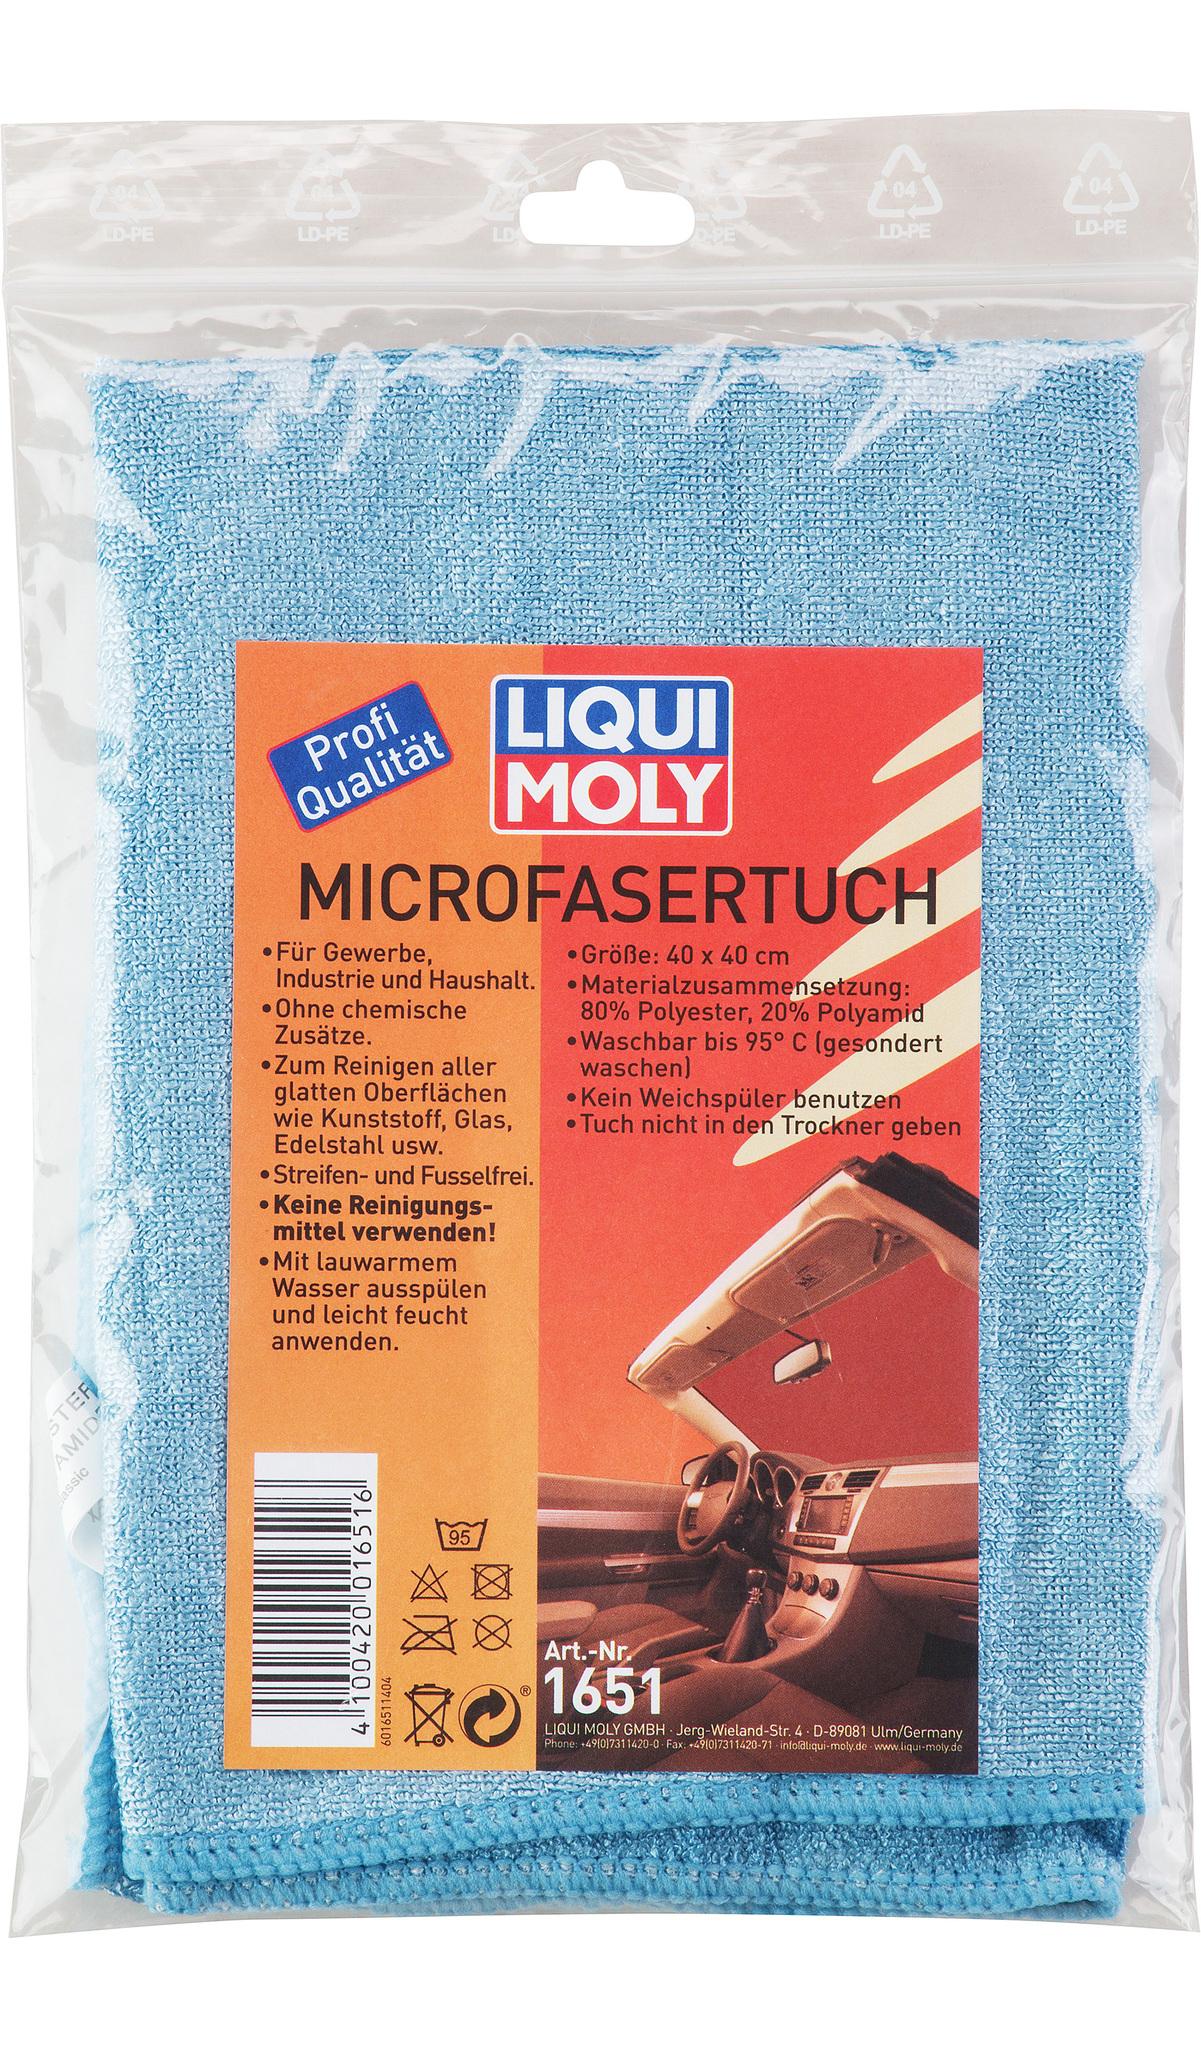 Liqui Moly Microfasertuch Универсальный платок из микрофибры